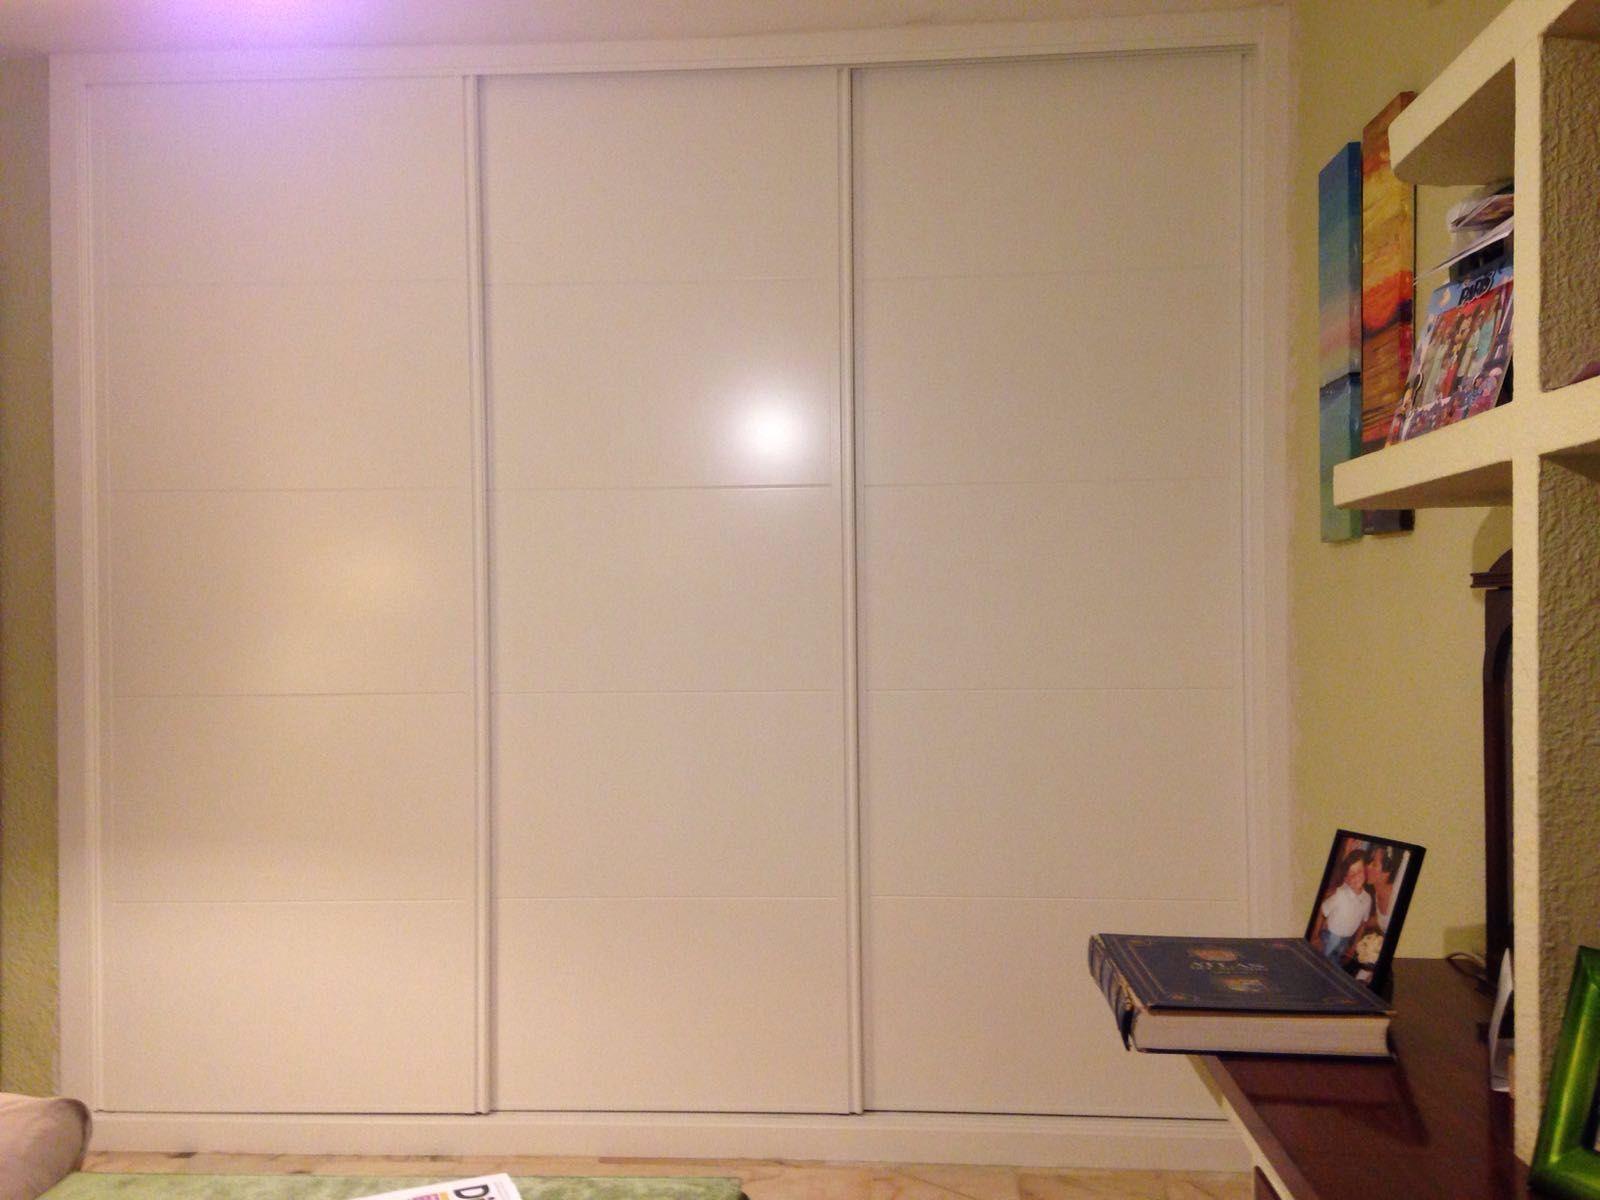 Frente de armario 3 hojas correderas lacado en blanco - Armario blanco puertas correderas ...